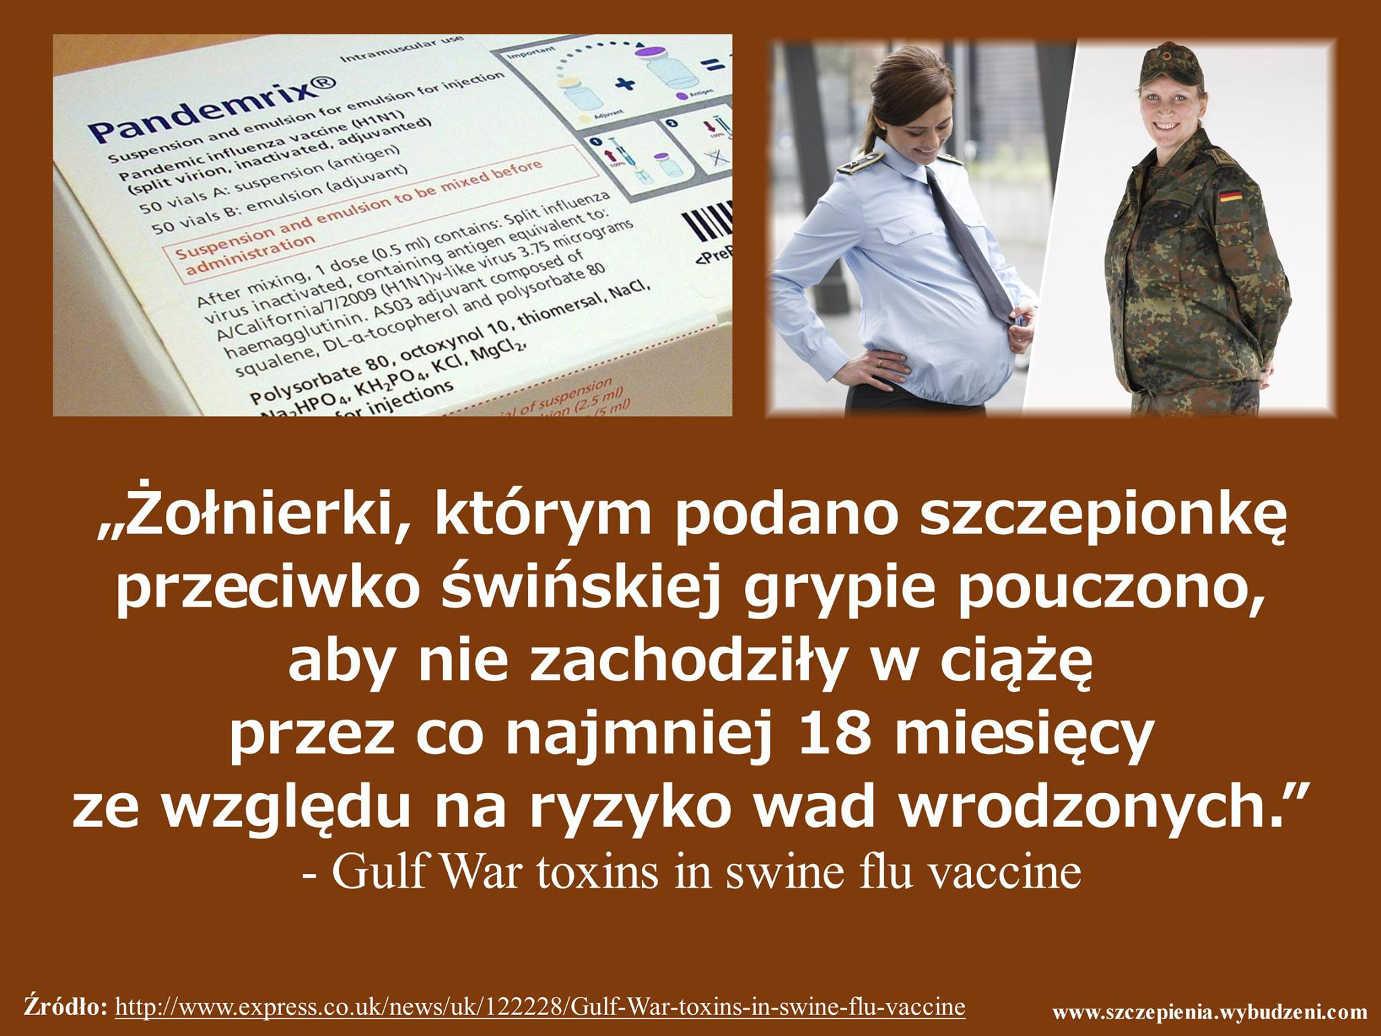 """""""Żołnierki, którym podano szczepionkę przeciwko świńskiej grypie pouczono, aby nie zachodziły w ciążę przez co najmniej 18 miesięcy ze względu na ryzyko wad wrodzonych/'"""